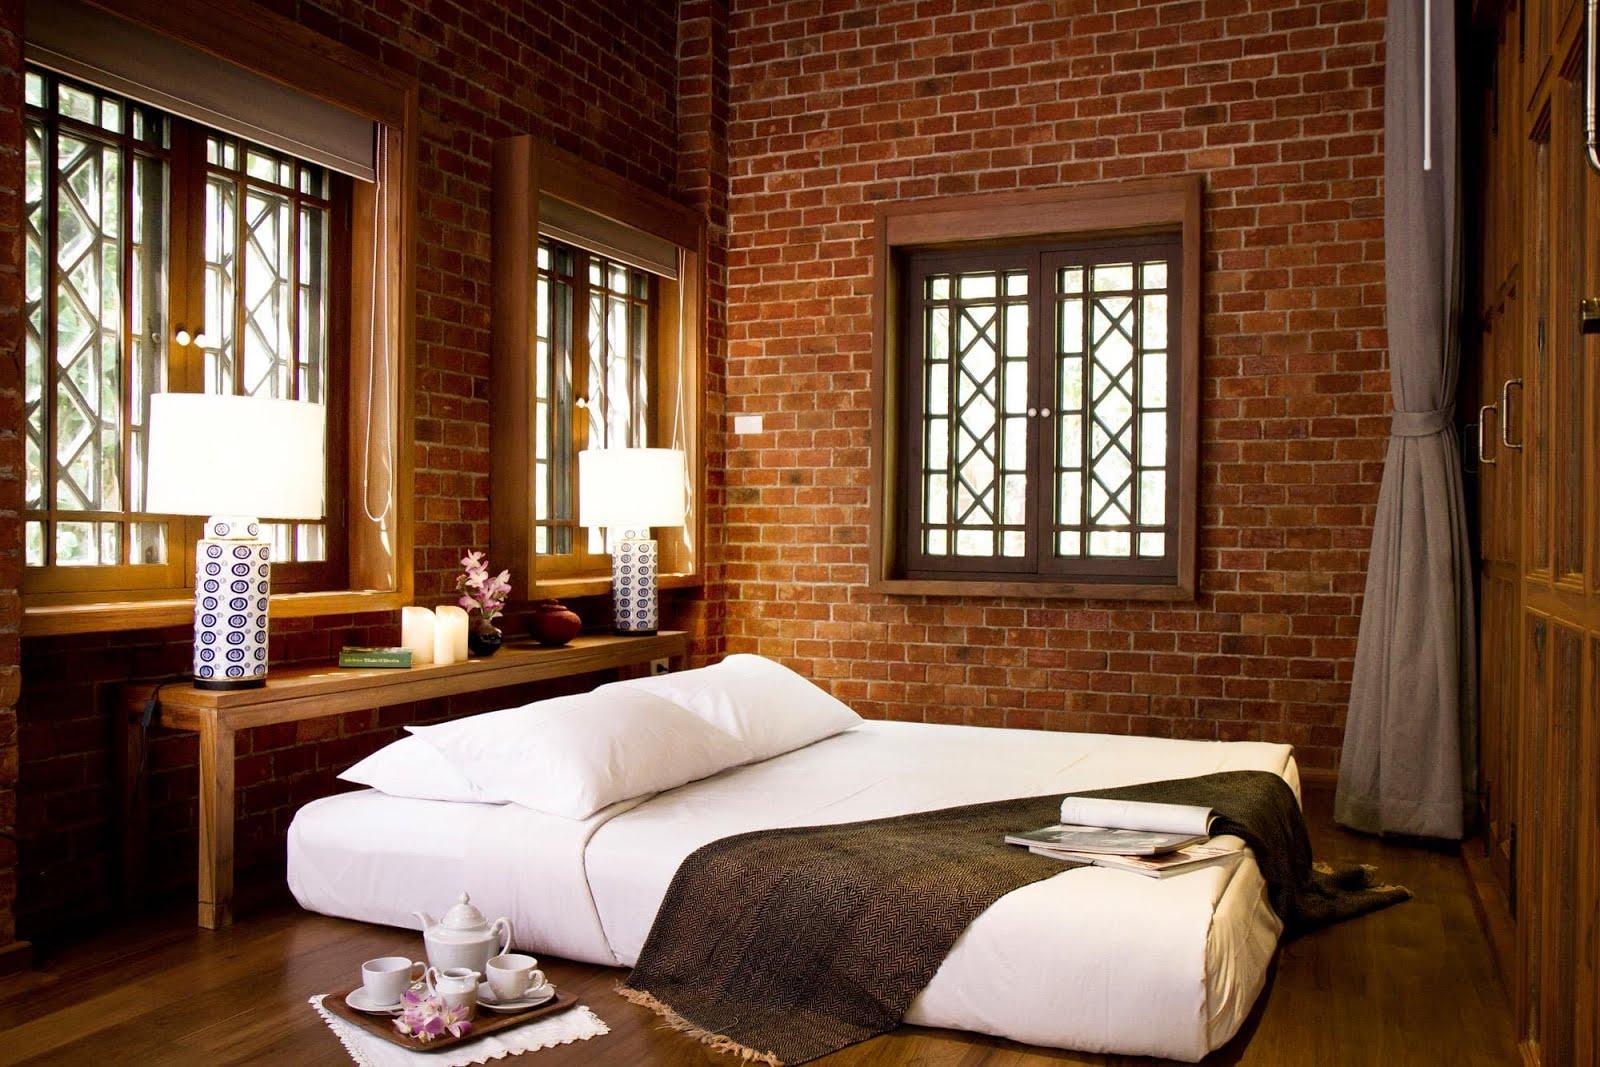 10 ที่พักเชียงใหม่สวยๆ เหมาะกับถ่ายรูป งบไม่เกิน 1,500 บาท